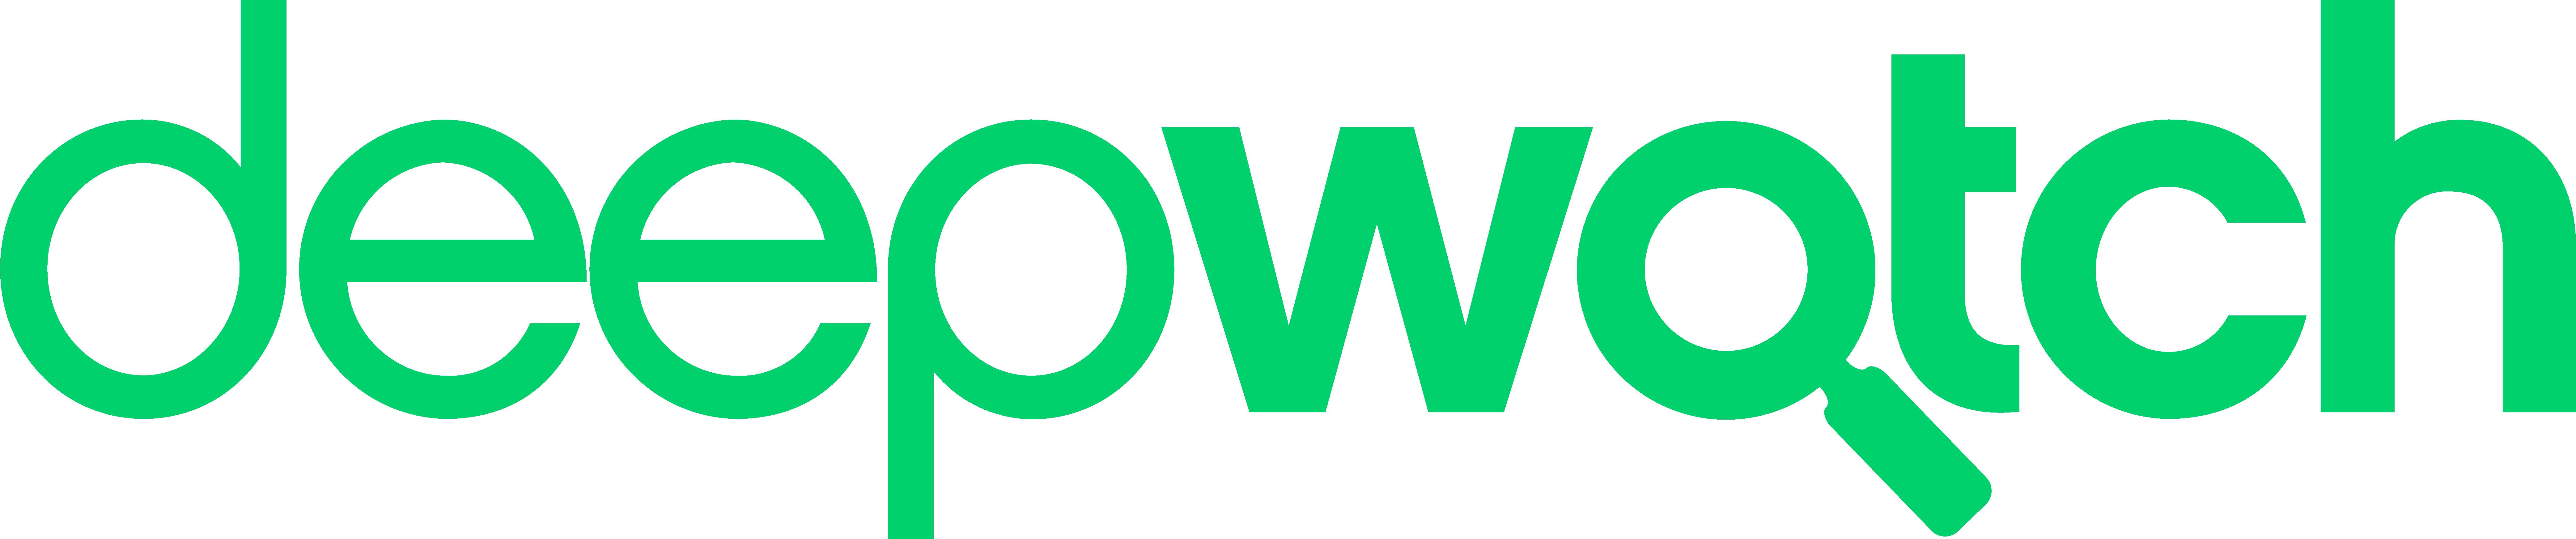 deepwatch-logo-green.png